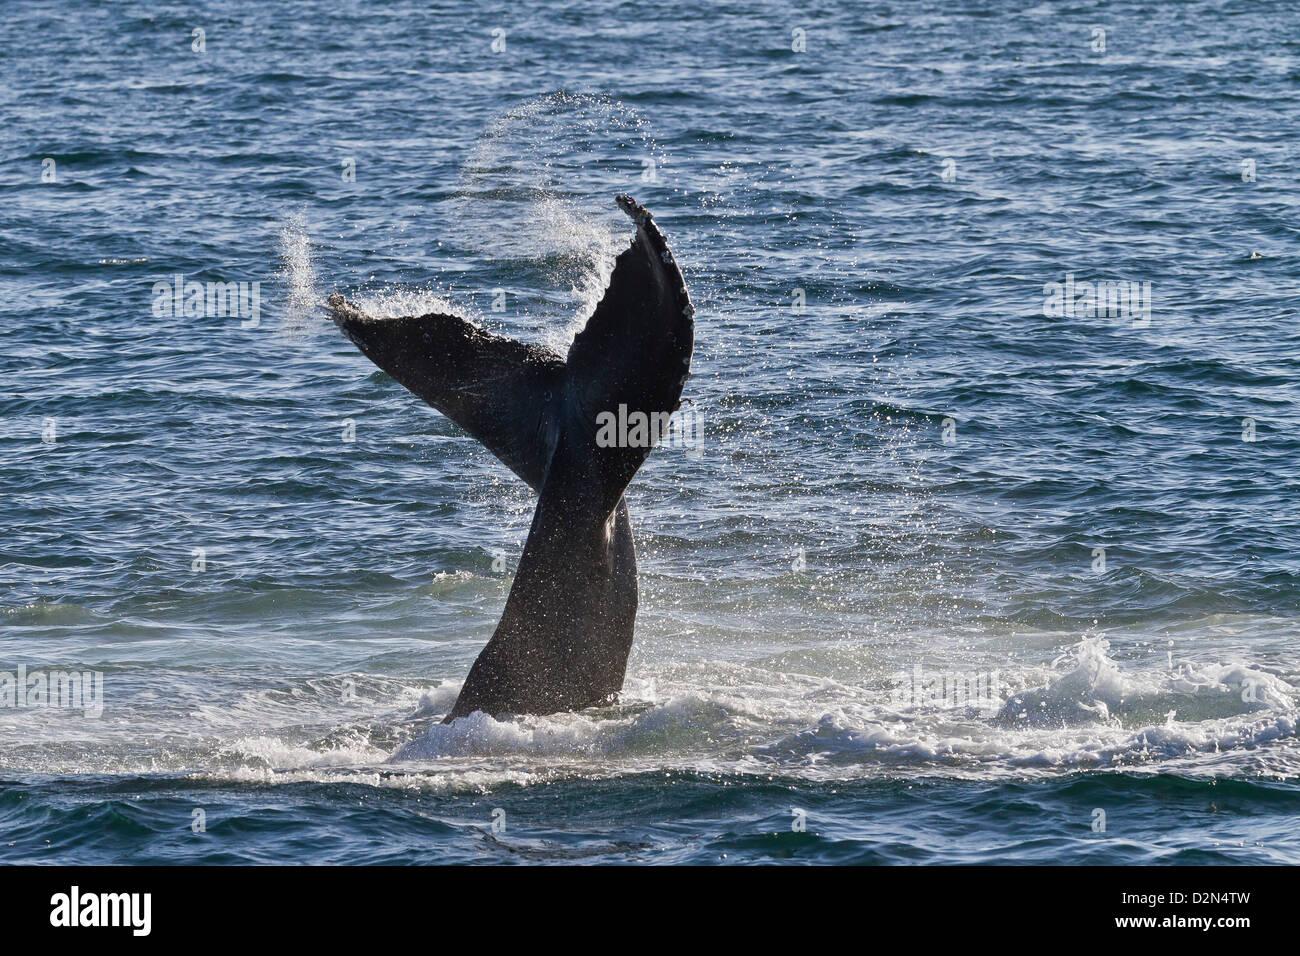 Buckelwal (Impressionen Novaeangliae) Rute schlagen, Golf von Kalifornien (Sea of Cortez), Baja California Sur, Stockbild